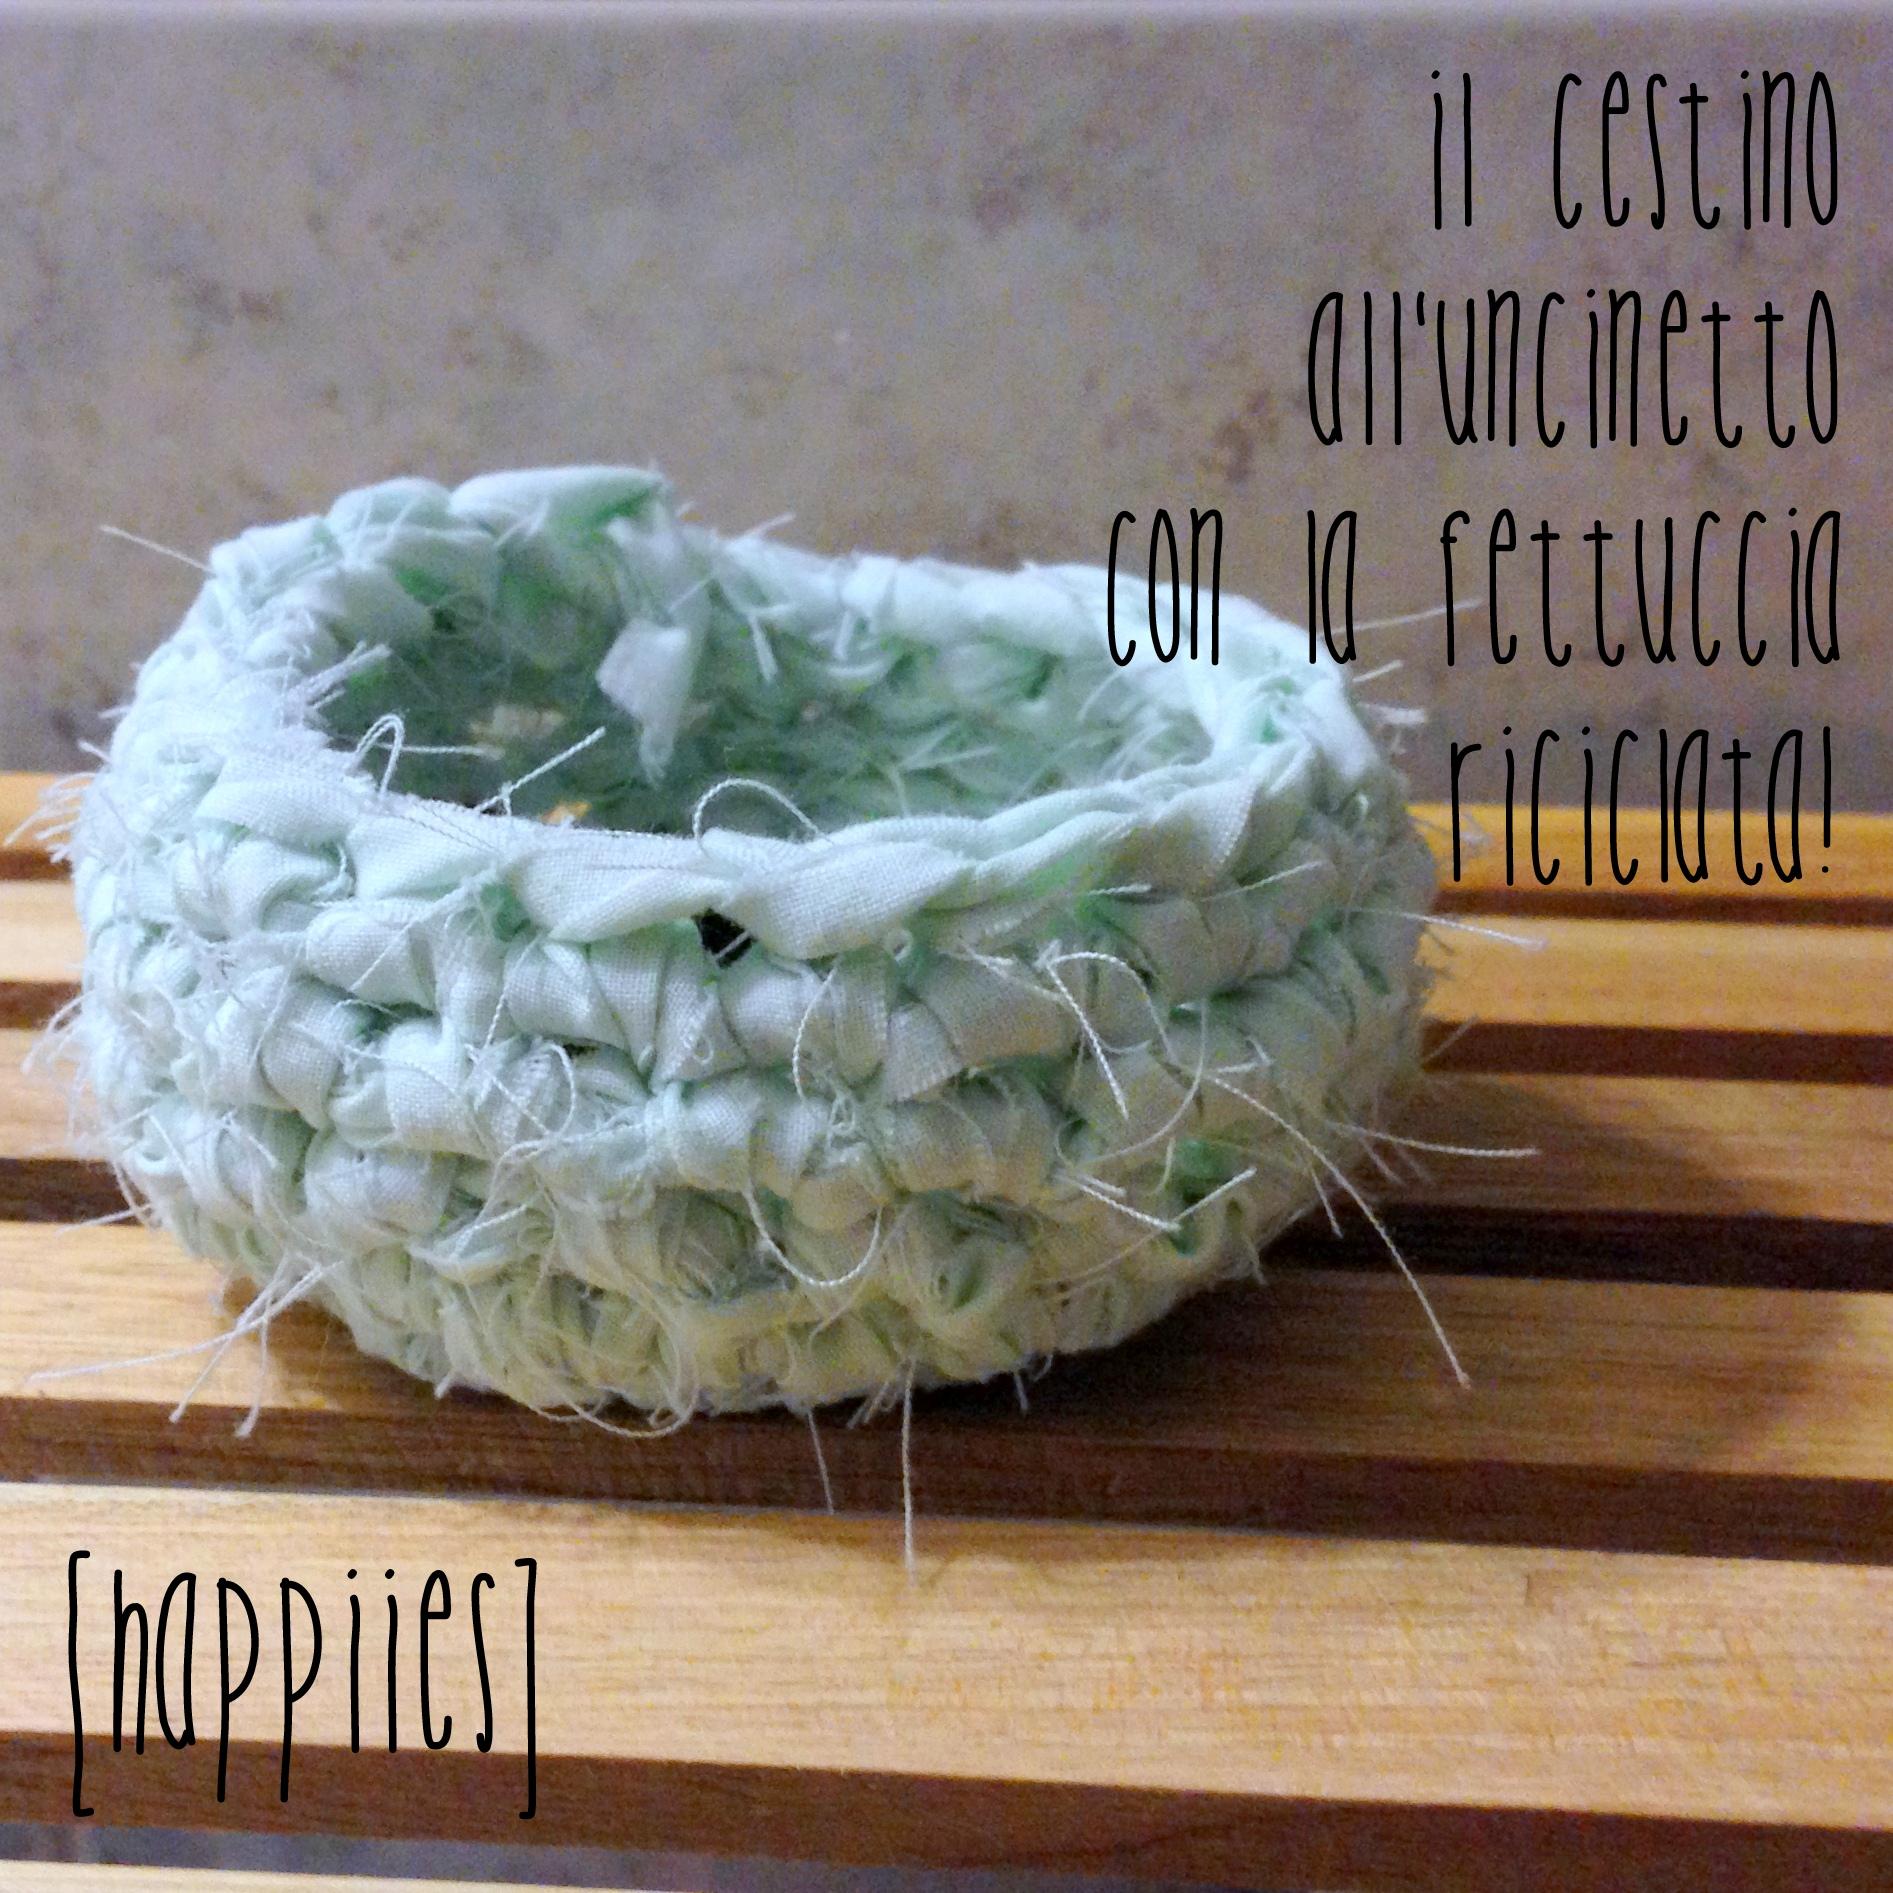 Cestini crochet primo tentativo happiies - Odore di fogna in bagno quando piove ...